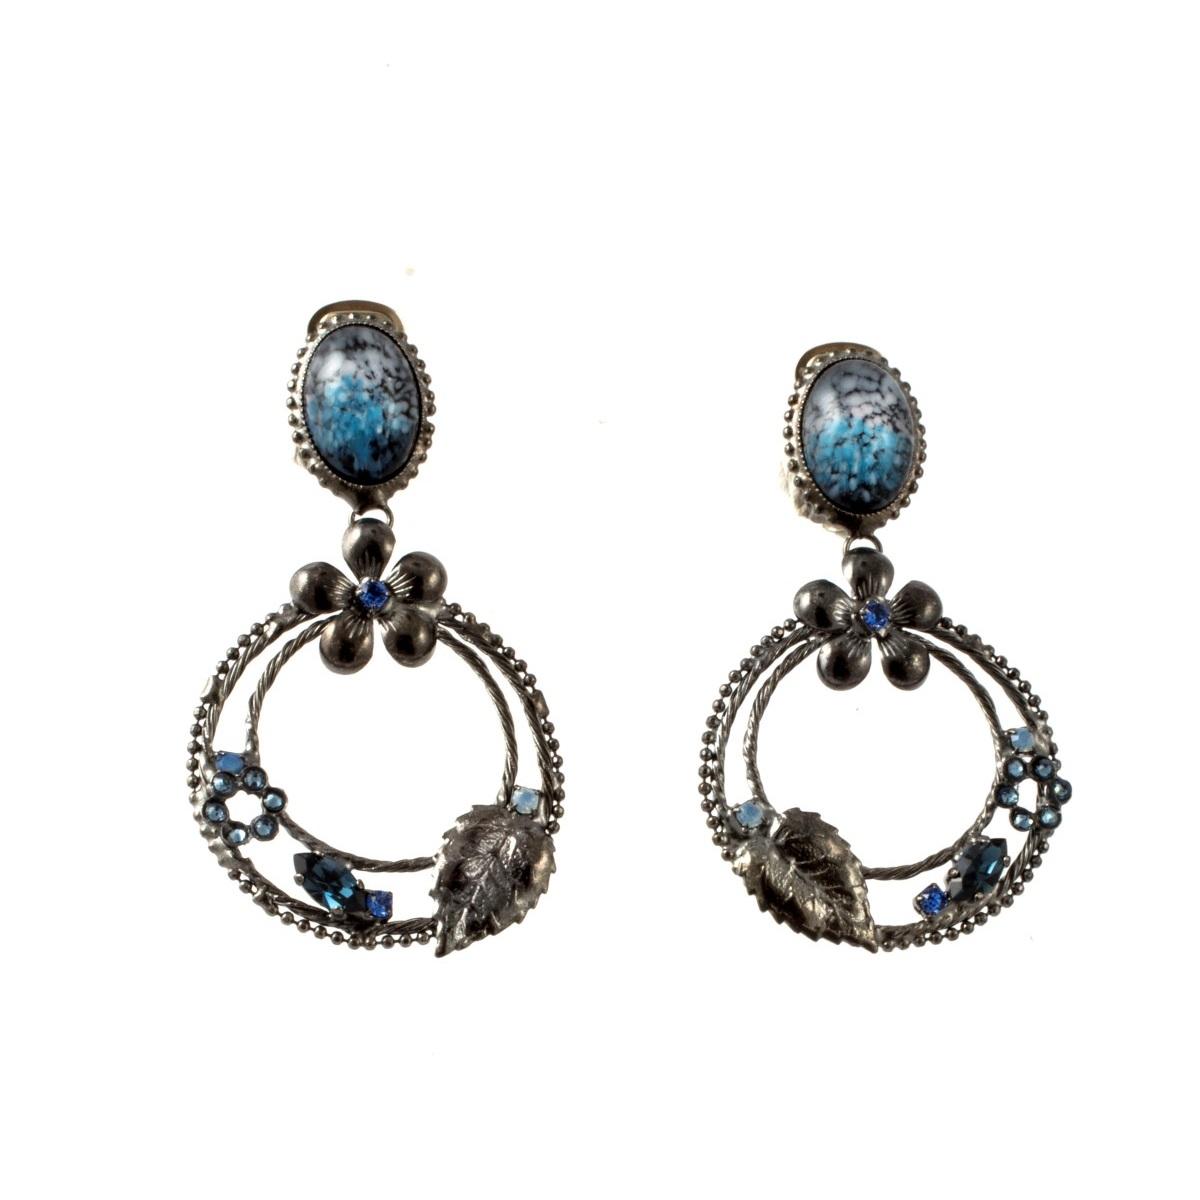 ARTWEAR DIMITRIADIS - Γυναικεία σκουλαρίκια ARTWEAR DIMITRIADIS με κρεμαστούς κρ γυναικεία αξεσουάρ κοσμήματα σκουλαρίκια